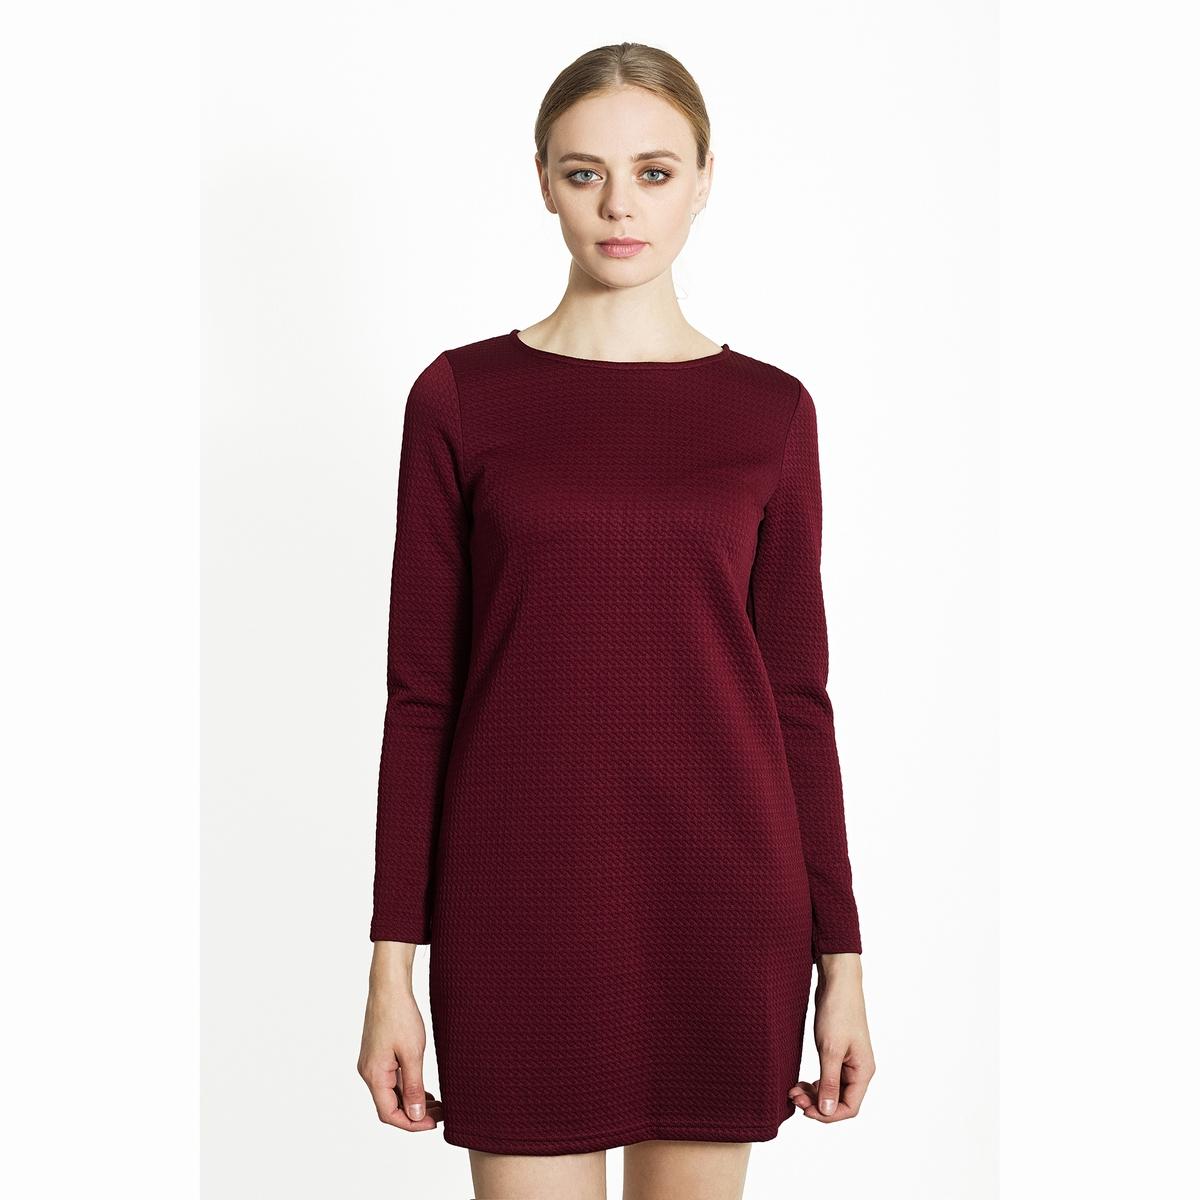 Платье с застёжкой на молнию сзадиСостав и описаниеМатериалы: 100% полиэстер.Марка : Migle+MeУходСледуйте рекомендациям по уходу, указанным на этикетке изделия.<br><br>Цвет: бордовый<br>Размер: M